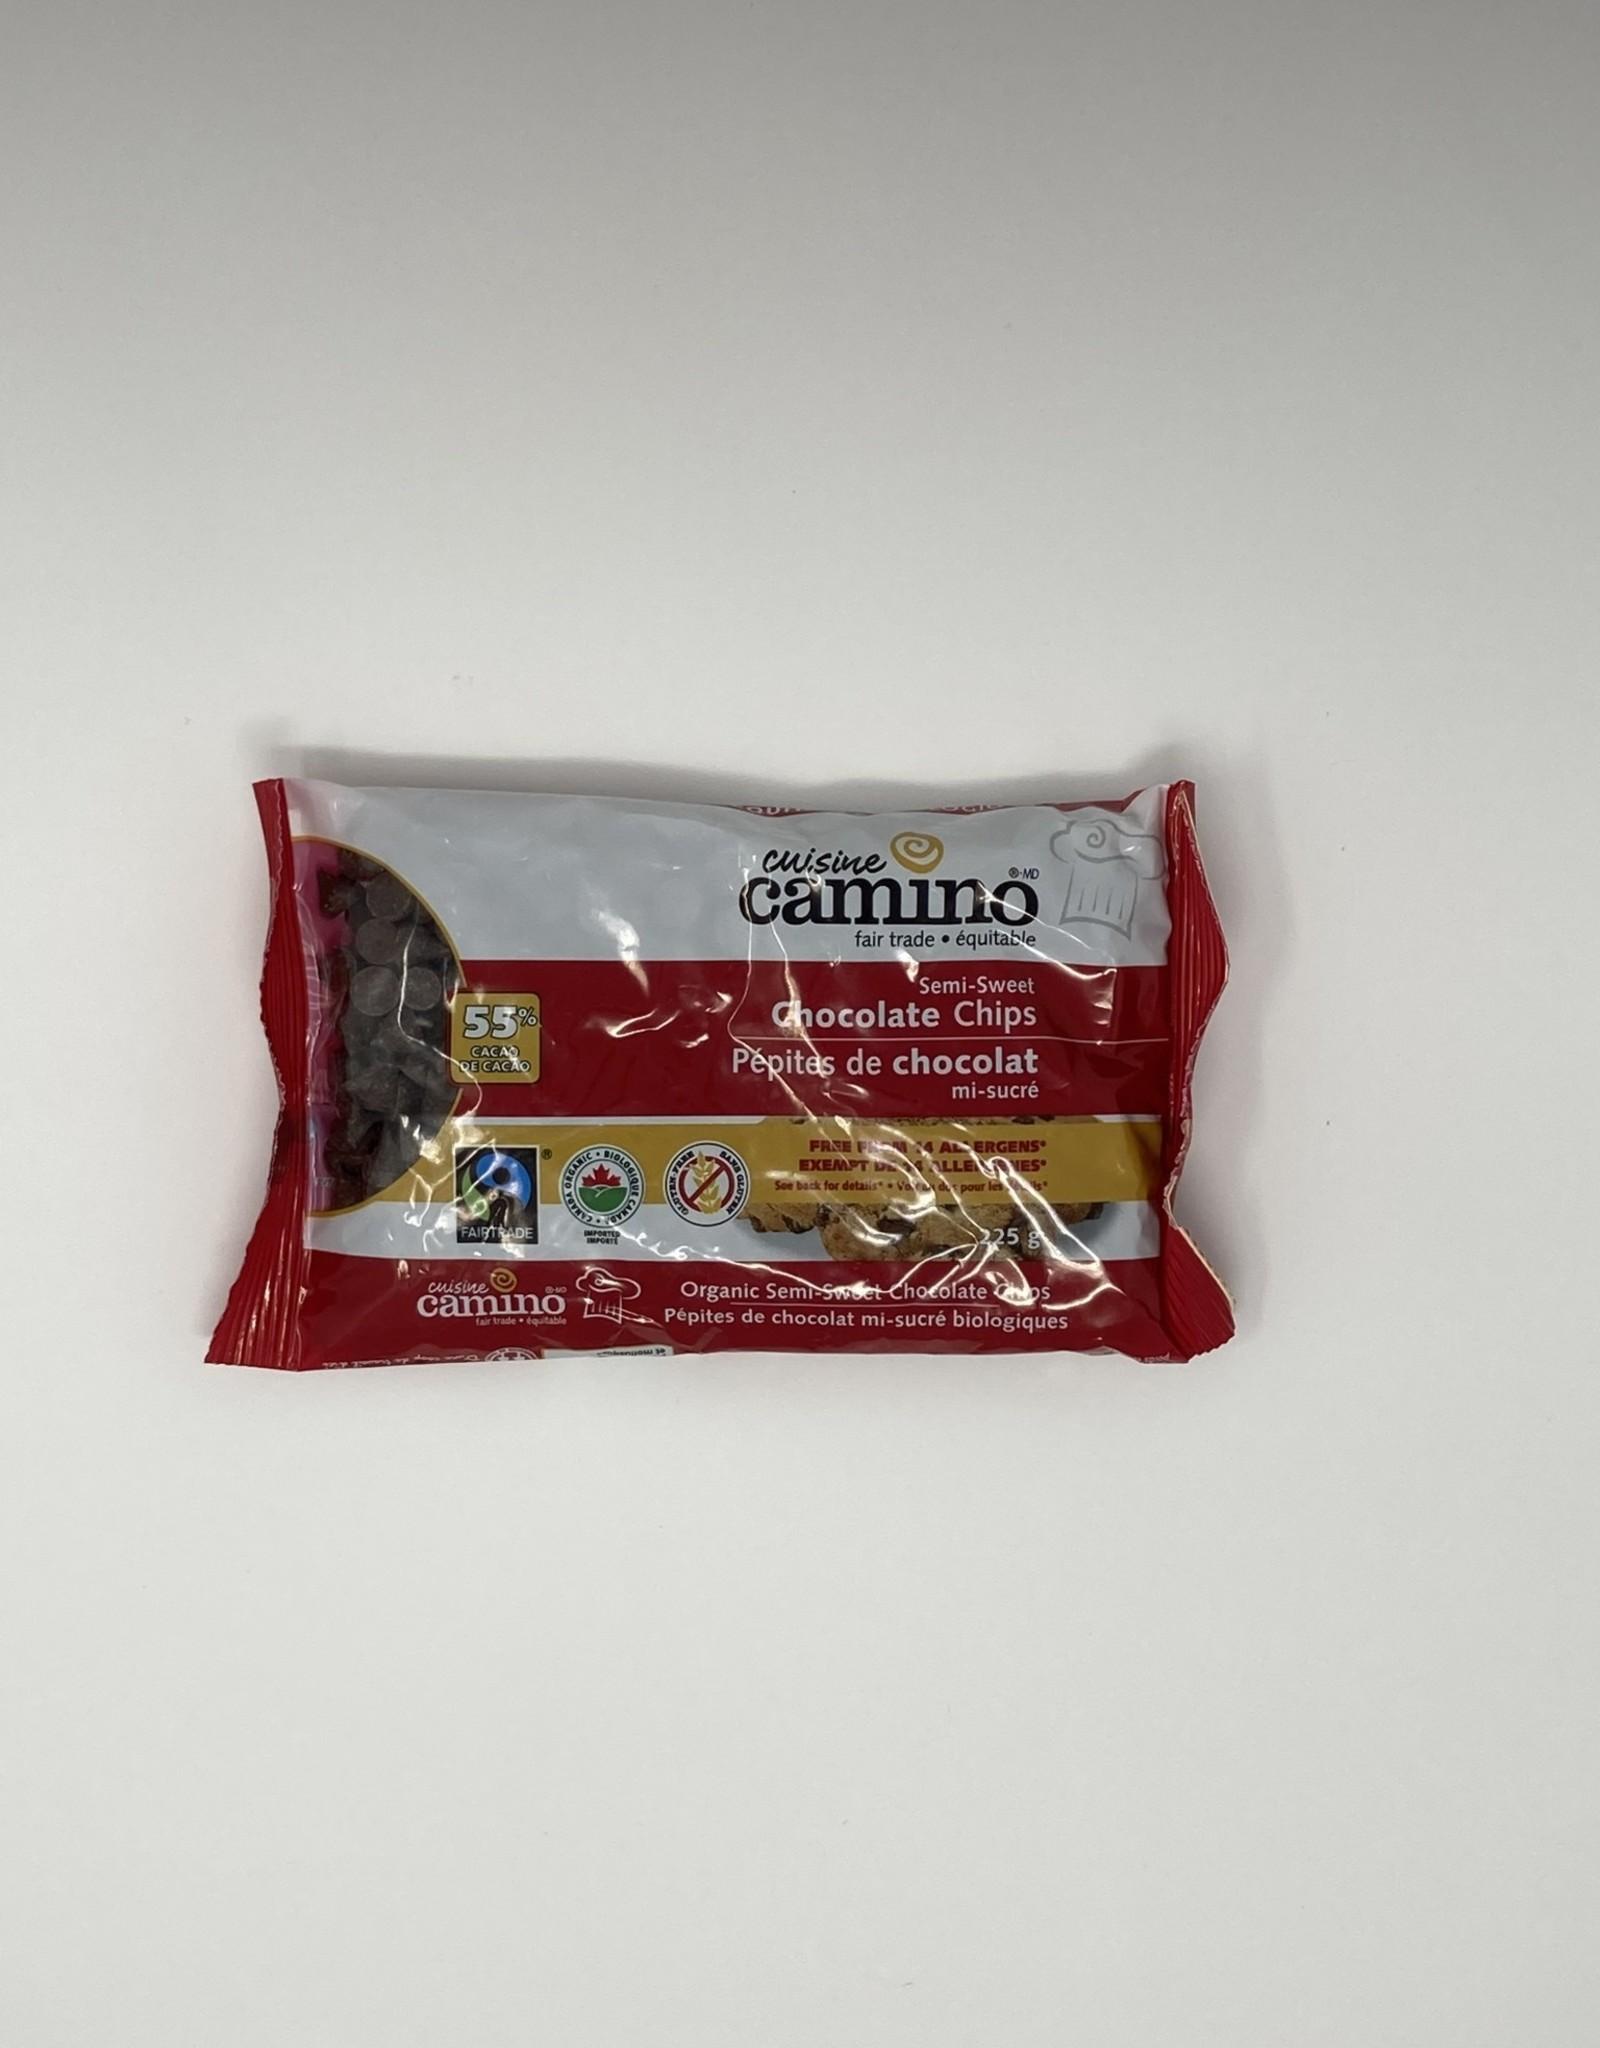 Camino Camino - Baking Chocolate, Semi-Sweet Chocolate Chips 55% (225g)